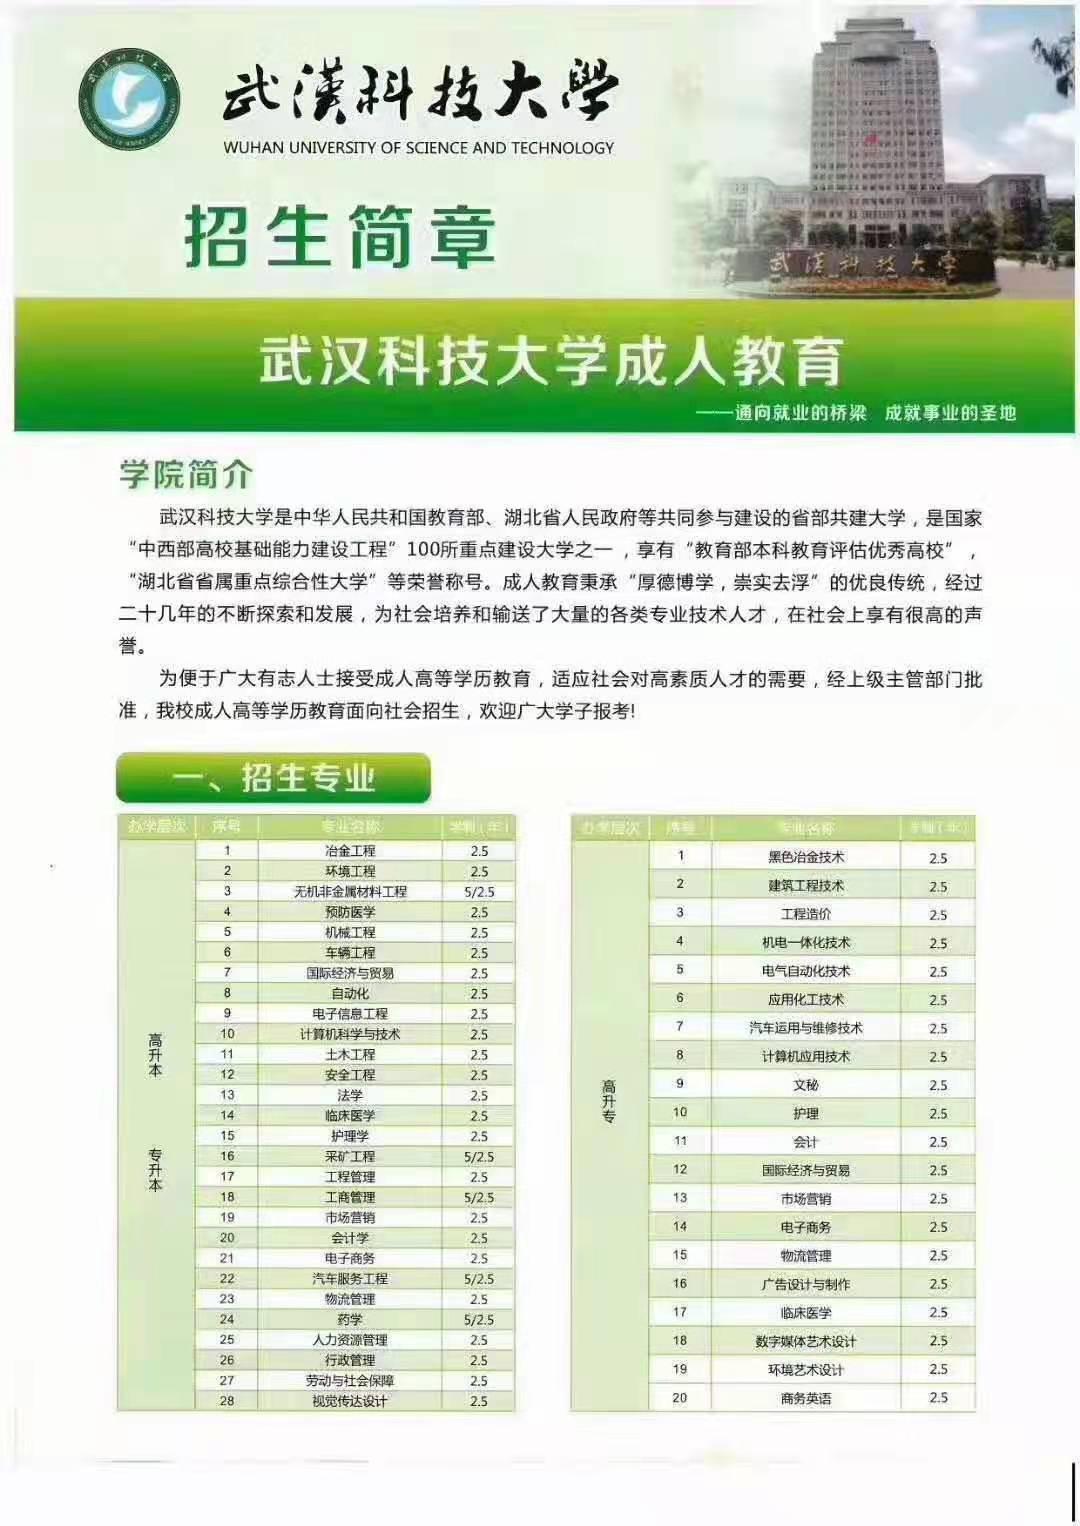 2021年武汉科技大学招生简章,湖北省教育考试院官宣